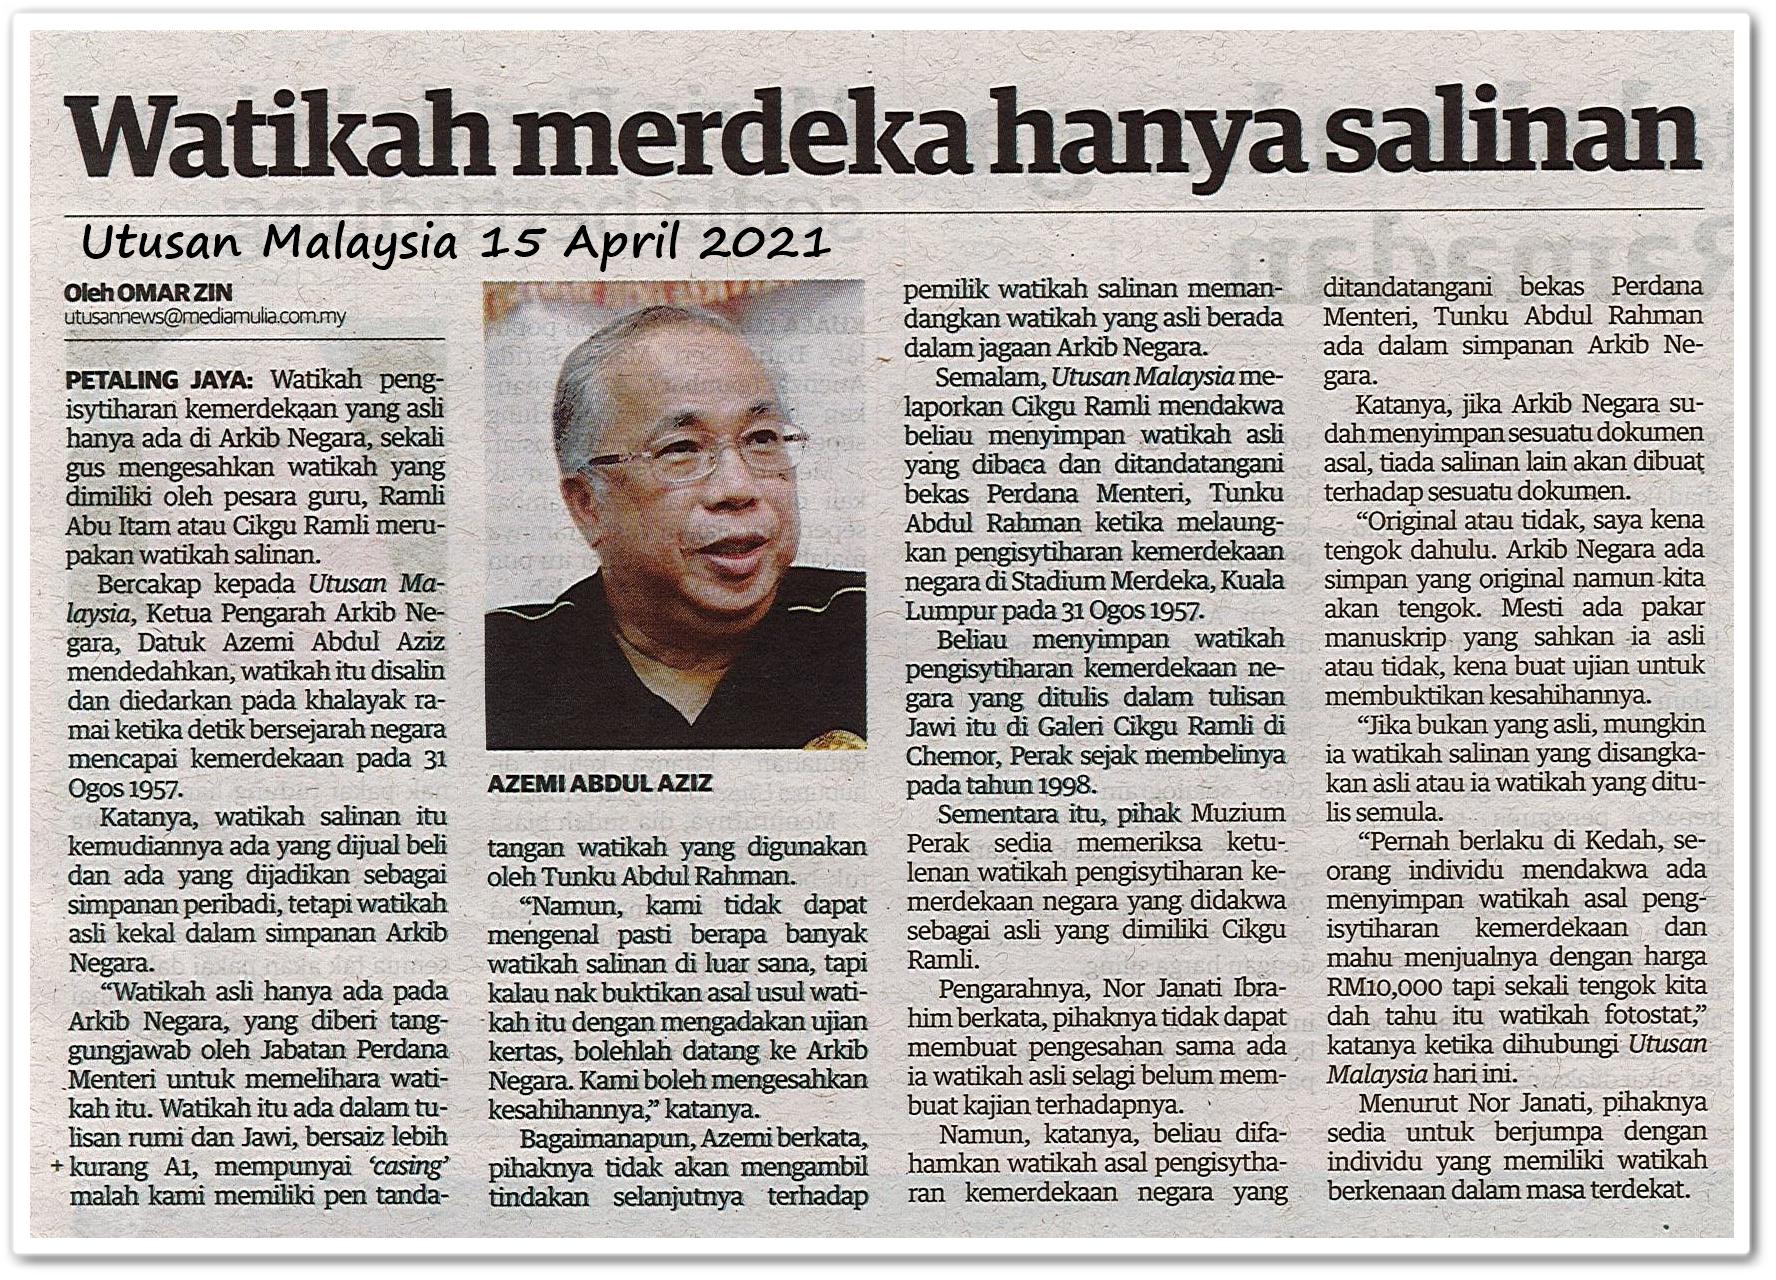 Watikah merdeka hanya salinan - Keratan akhbar Utusan Malaysia 15 April 2021